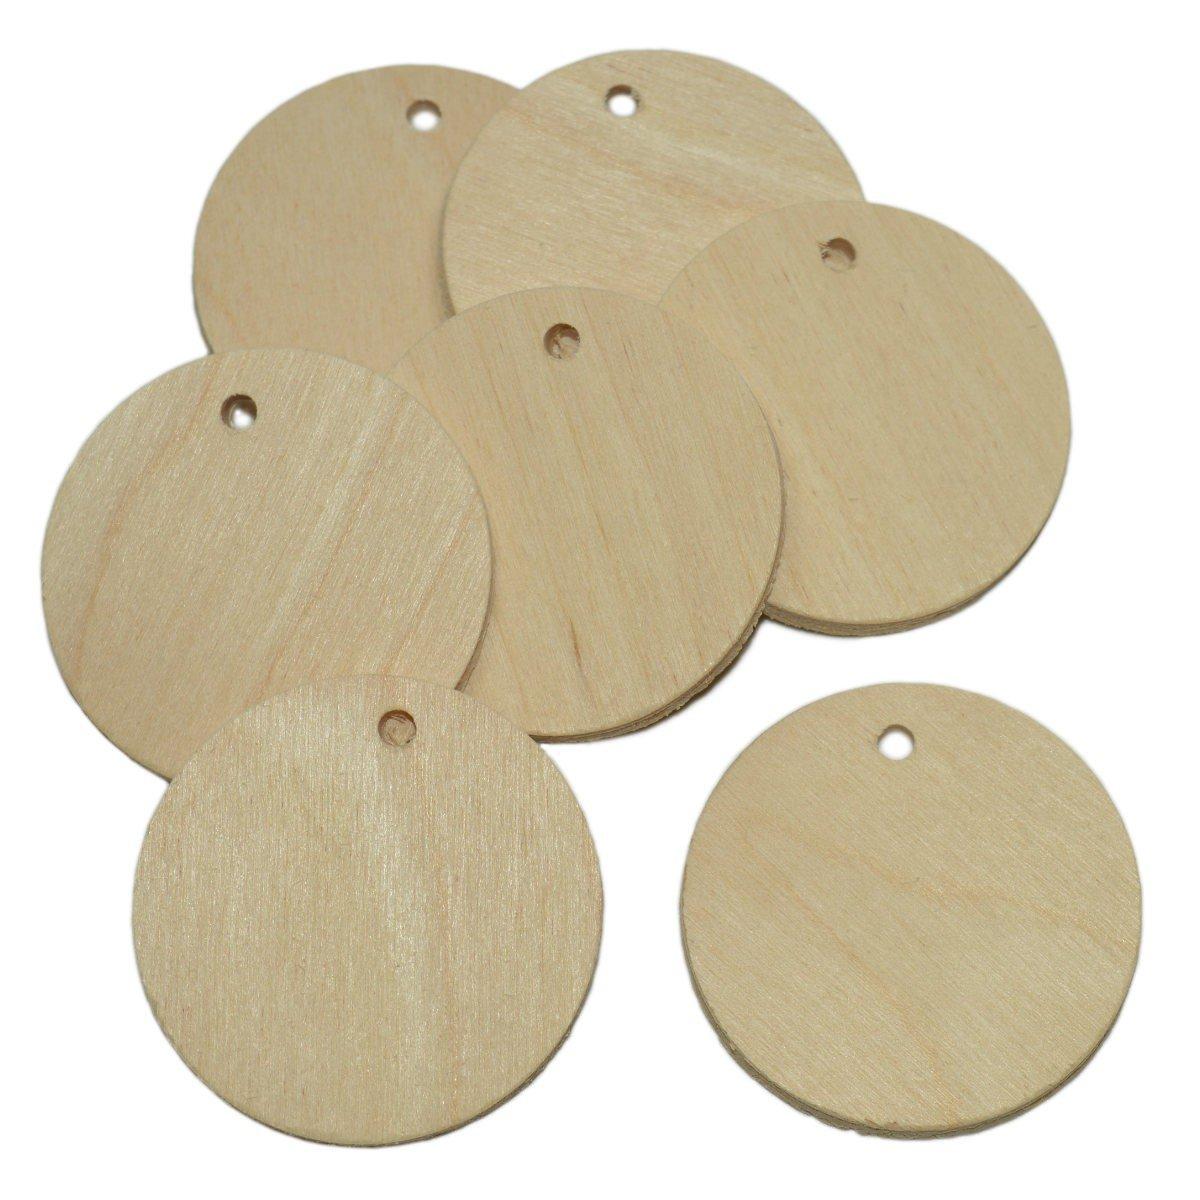 10 Stück Namensschild Holz rund 5cm - Holzscheiben zum Basteln ...